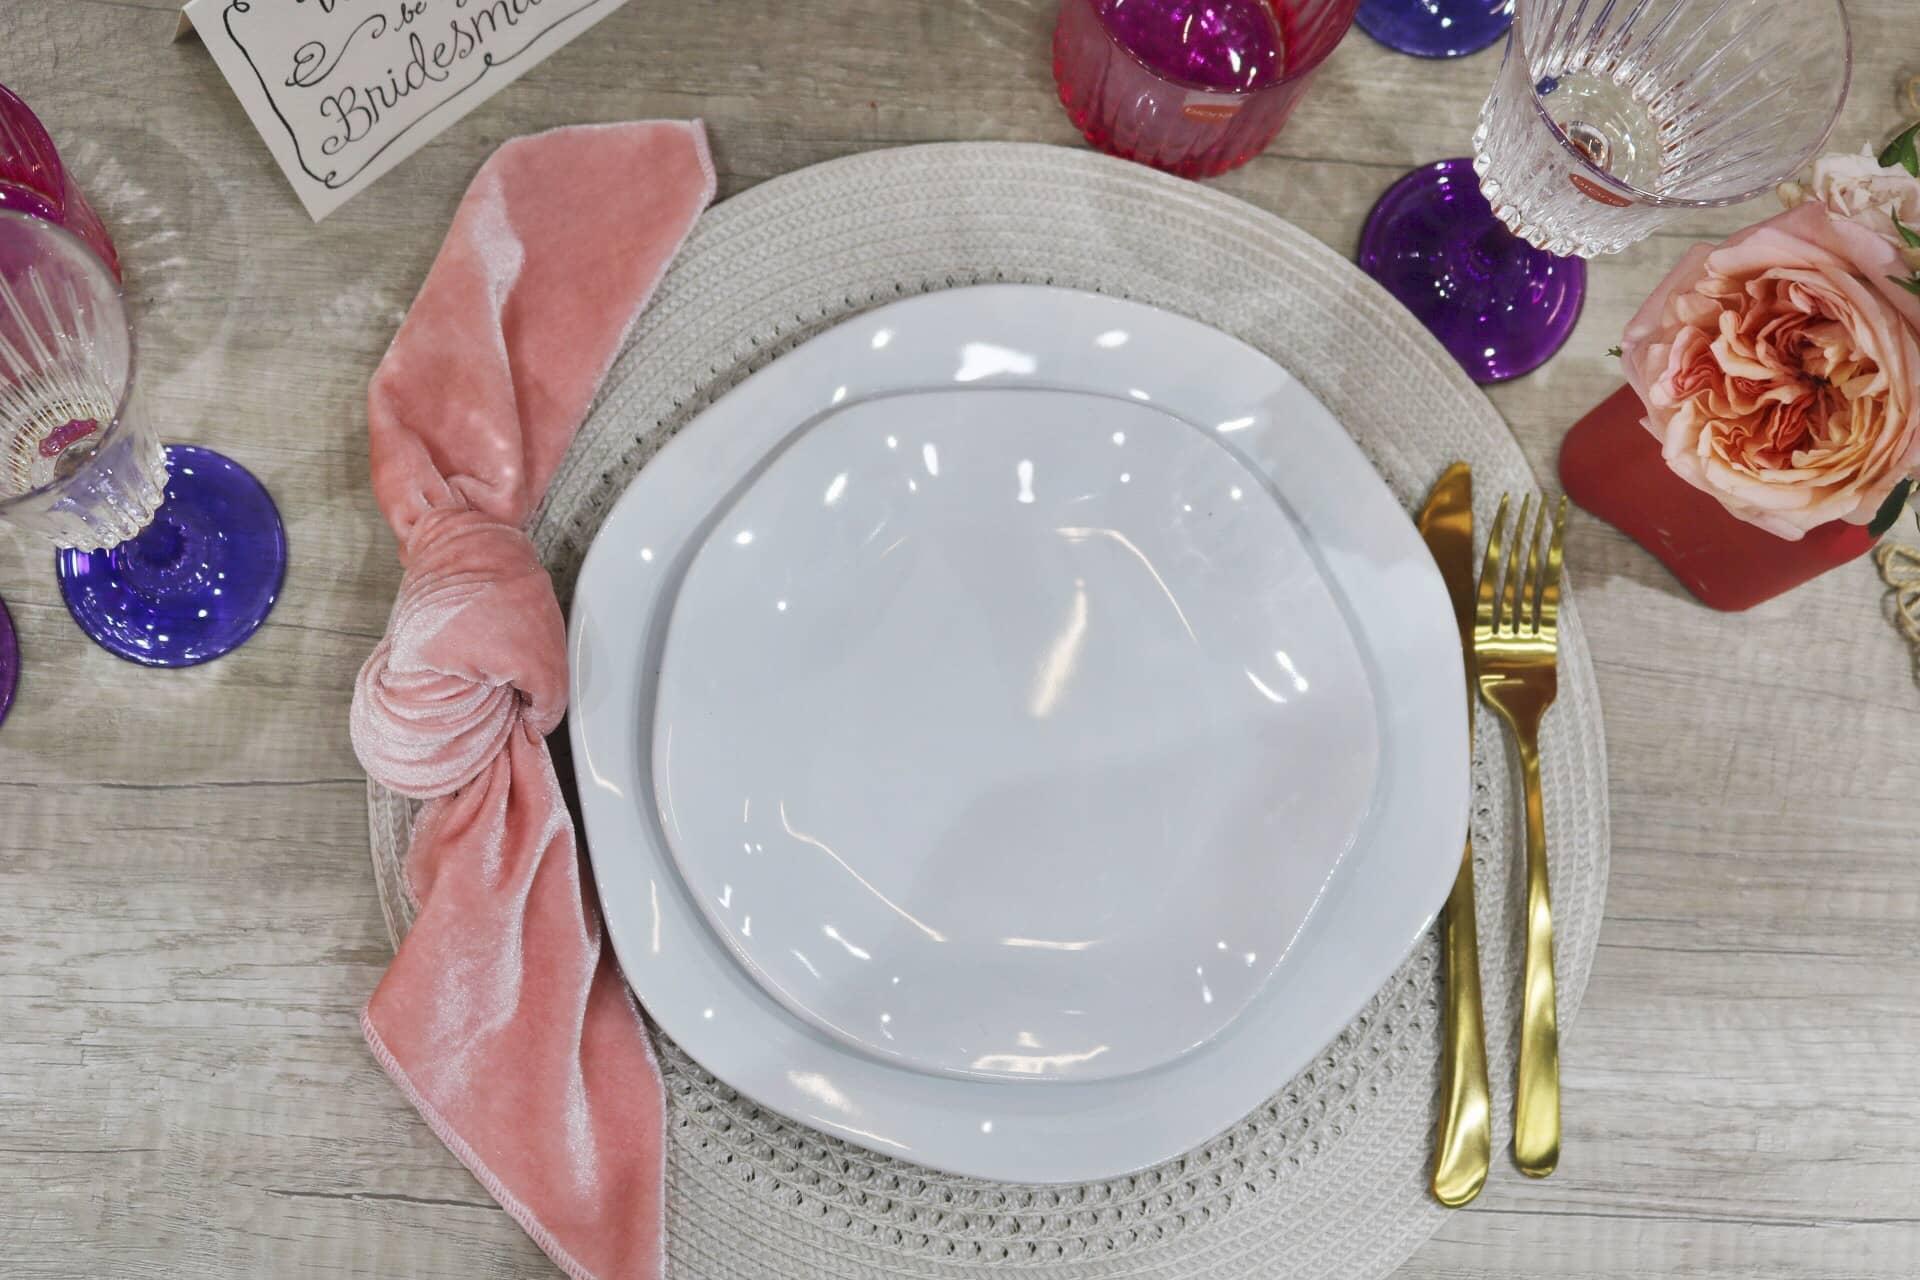 Imagem: O lugar da noiva é sinalizado pelo jogo americano branco. As louças são da coleção Ryo White da linha Oxford Porcelanas, e as taças, da Biona. Foto: Lorena Baroni Bosio.